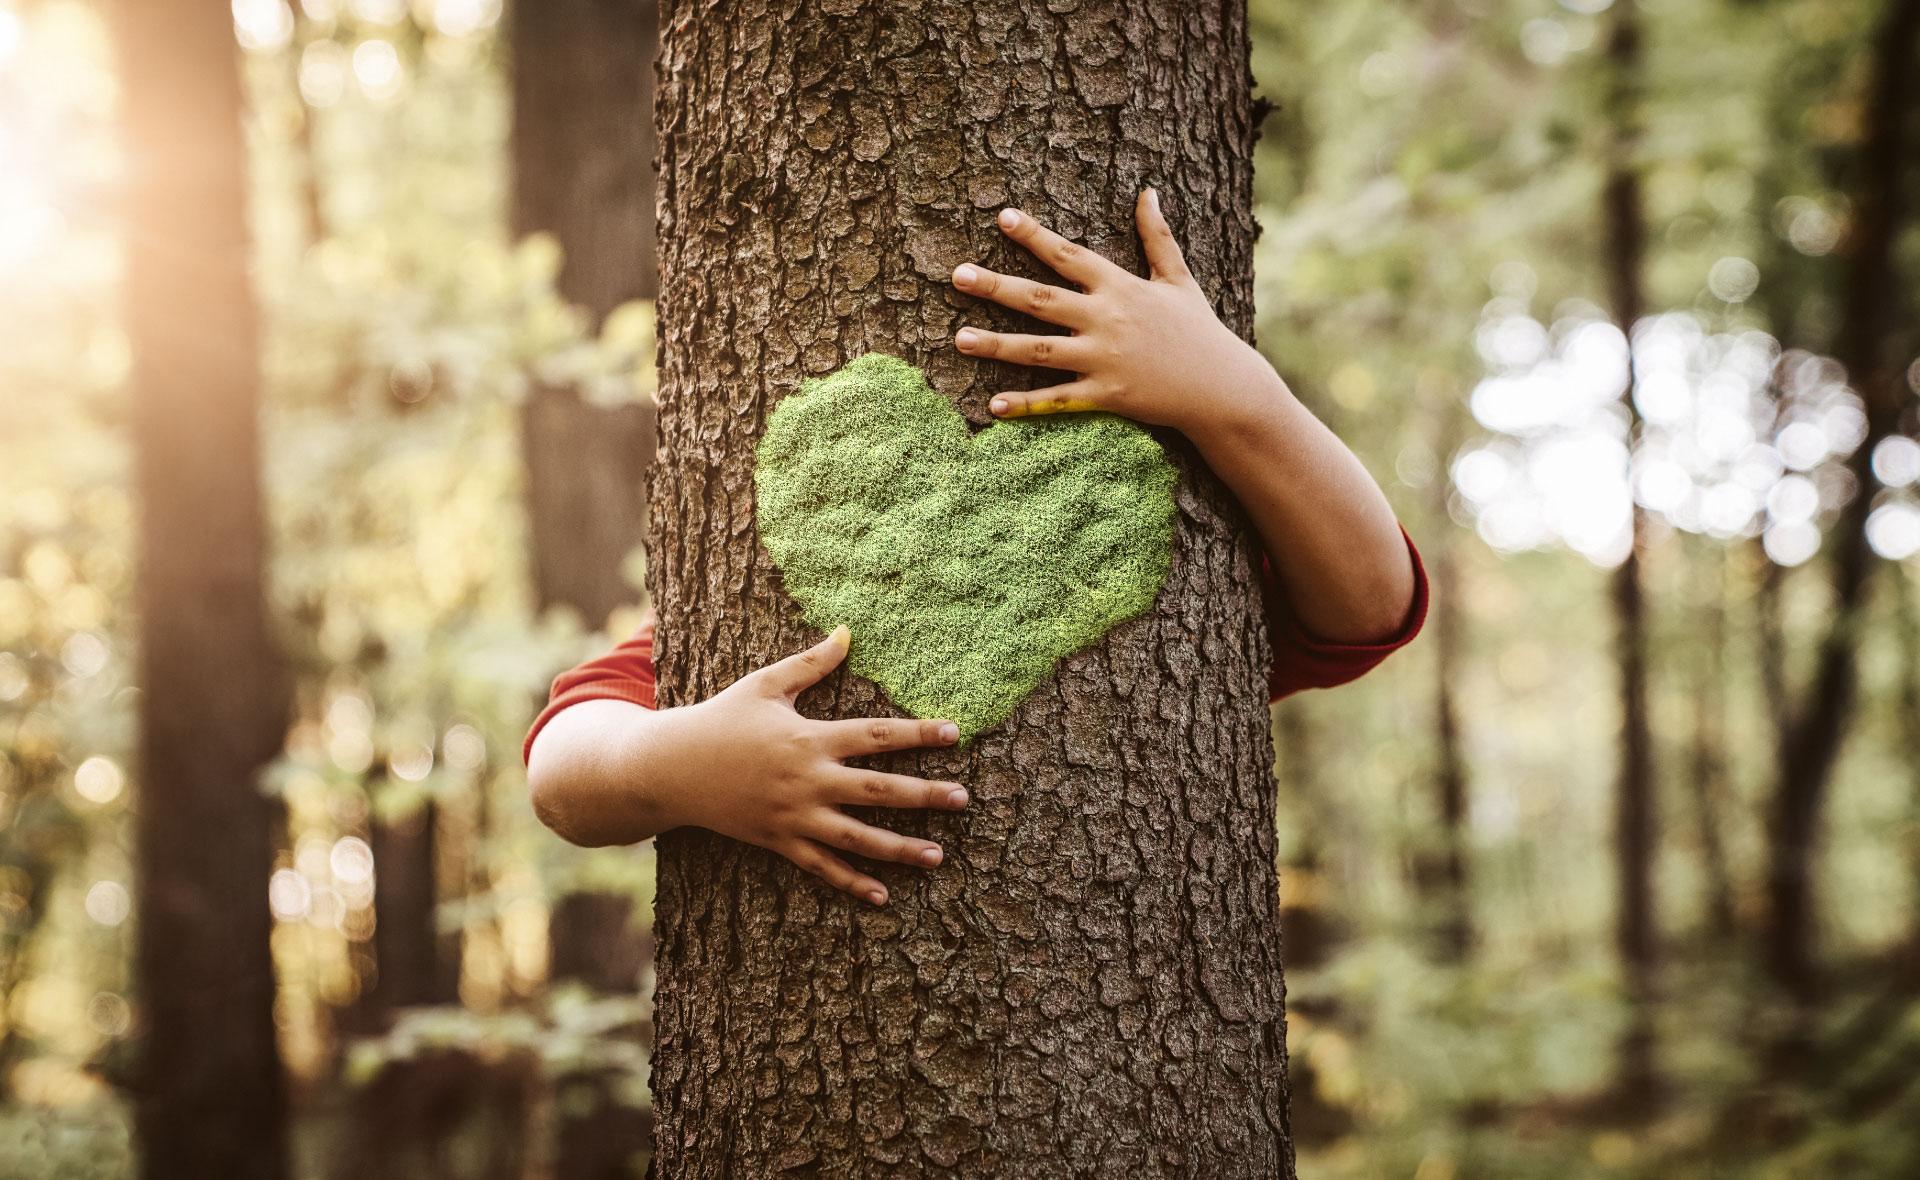 podcast-imagen-sostenibilidad-naturaleza-medioambiente